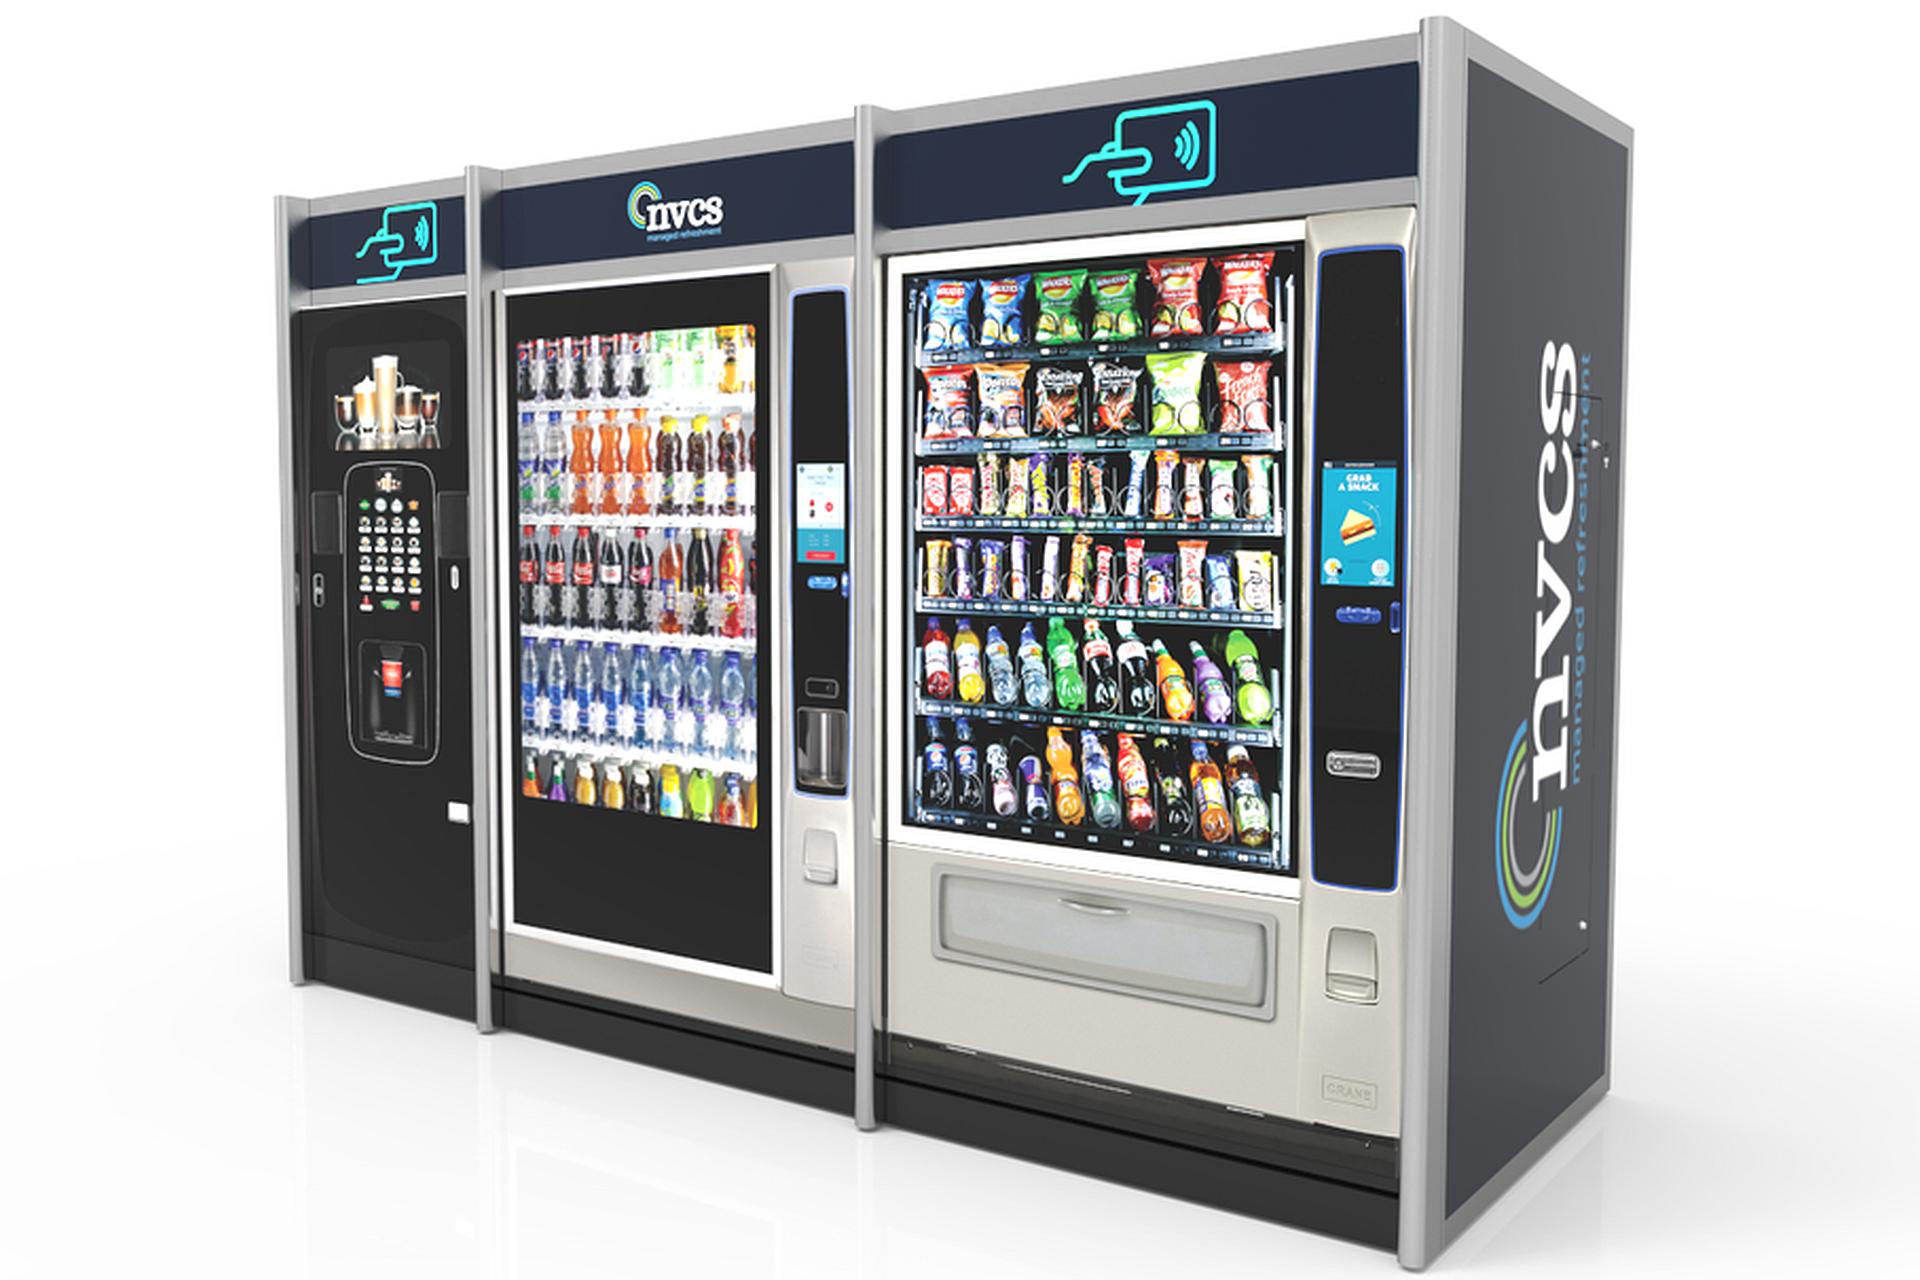 bespoke vending machine housing